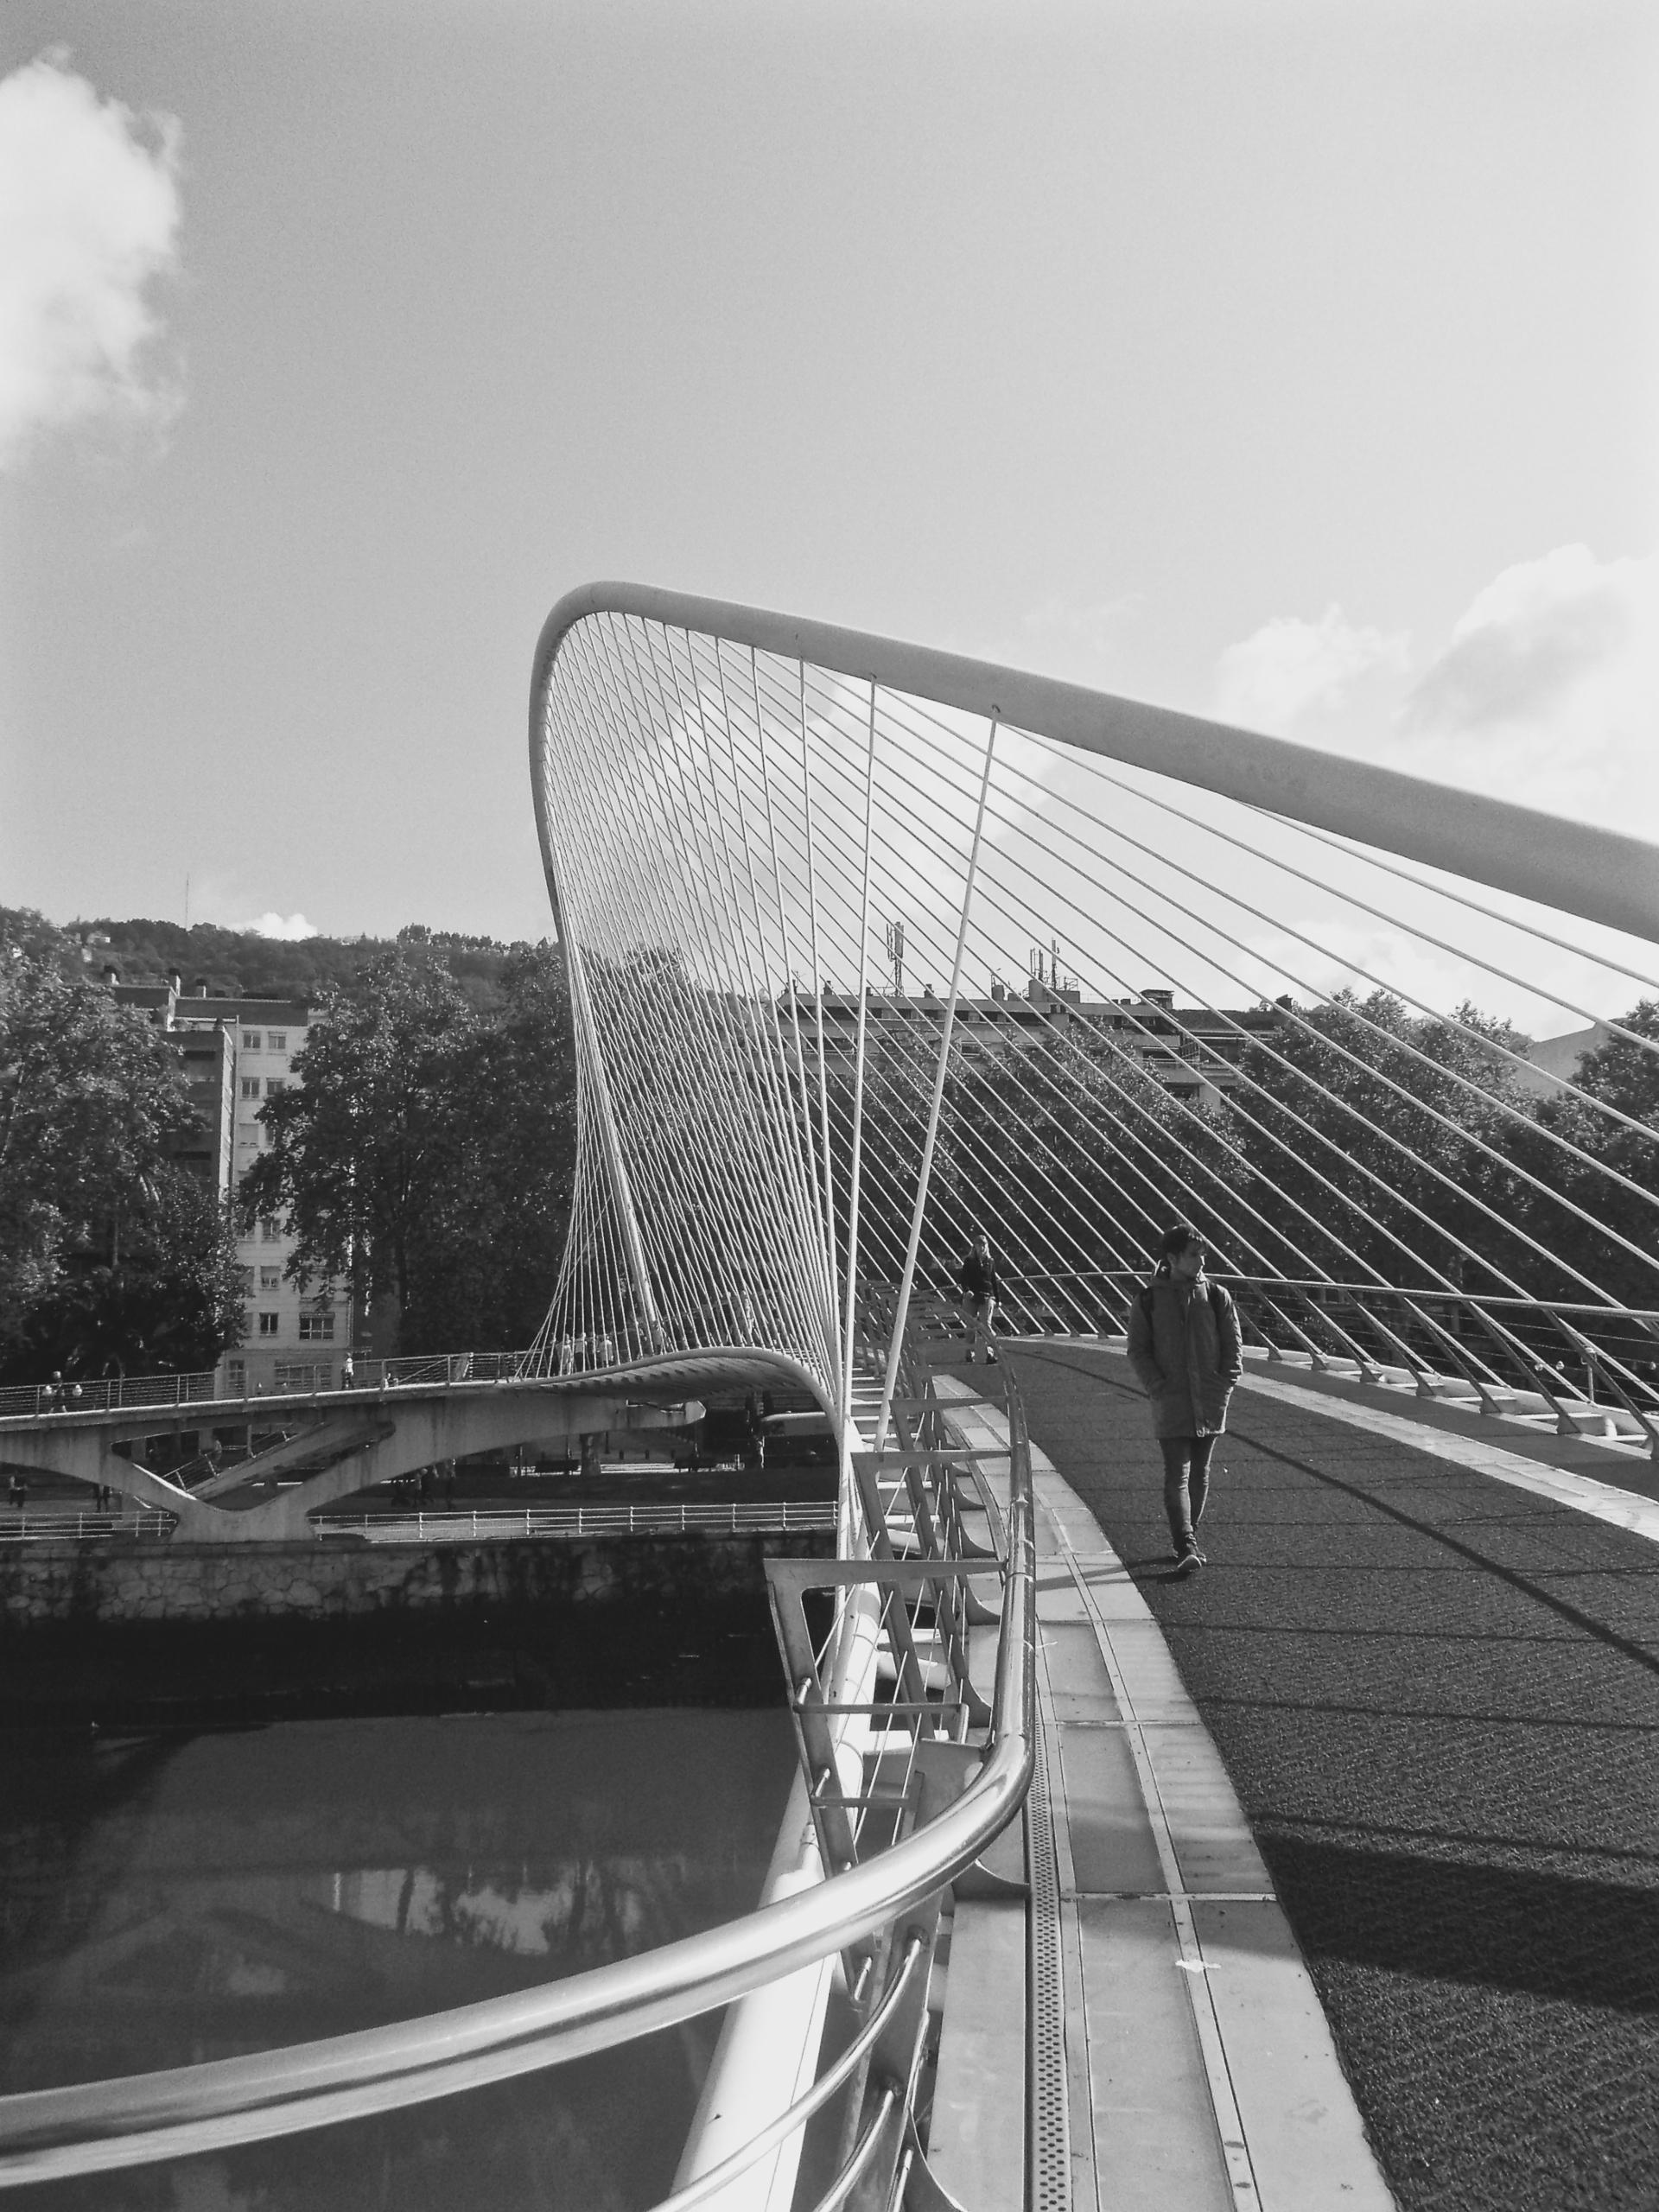 BilboBridge - Calatrava, bridge - noemilzn | ello